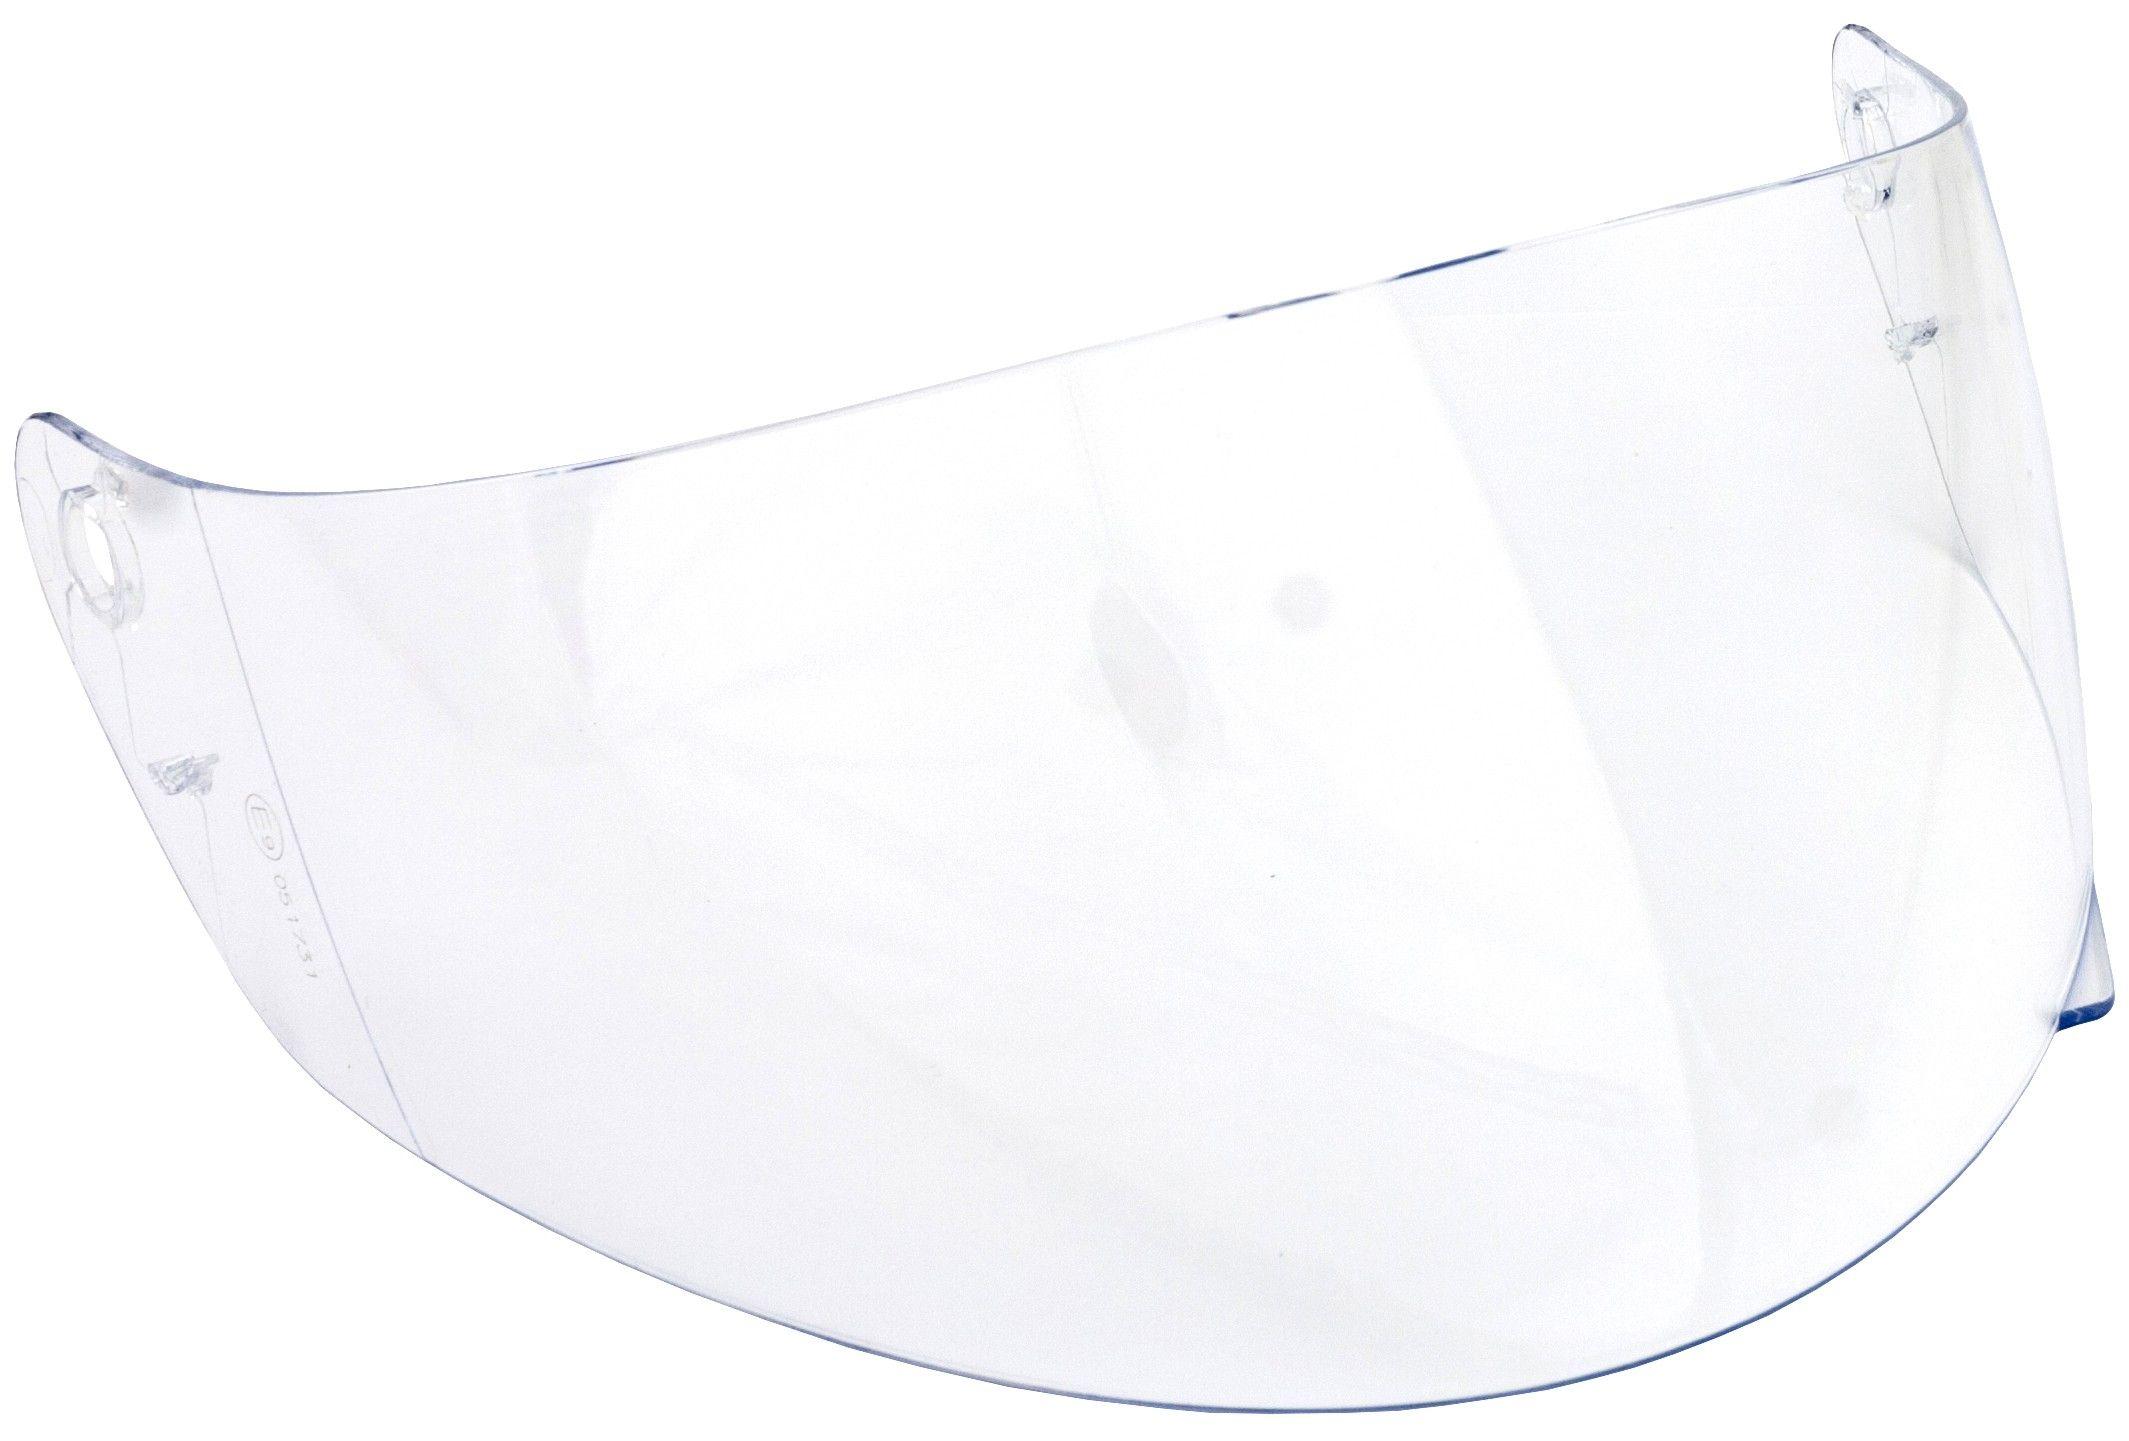 【GSB】G-335 全罩式安全帽用風鏡 - 「Webike-摩托百貨」